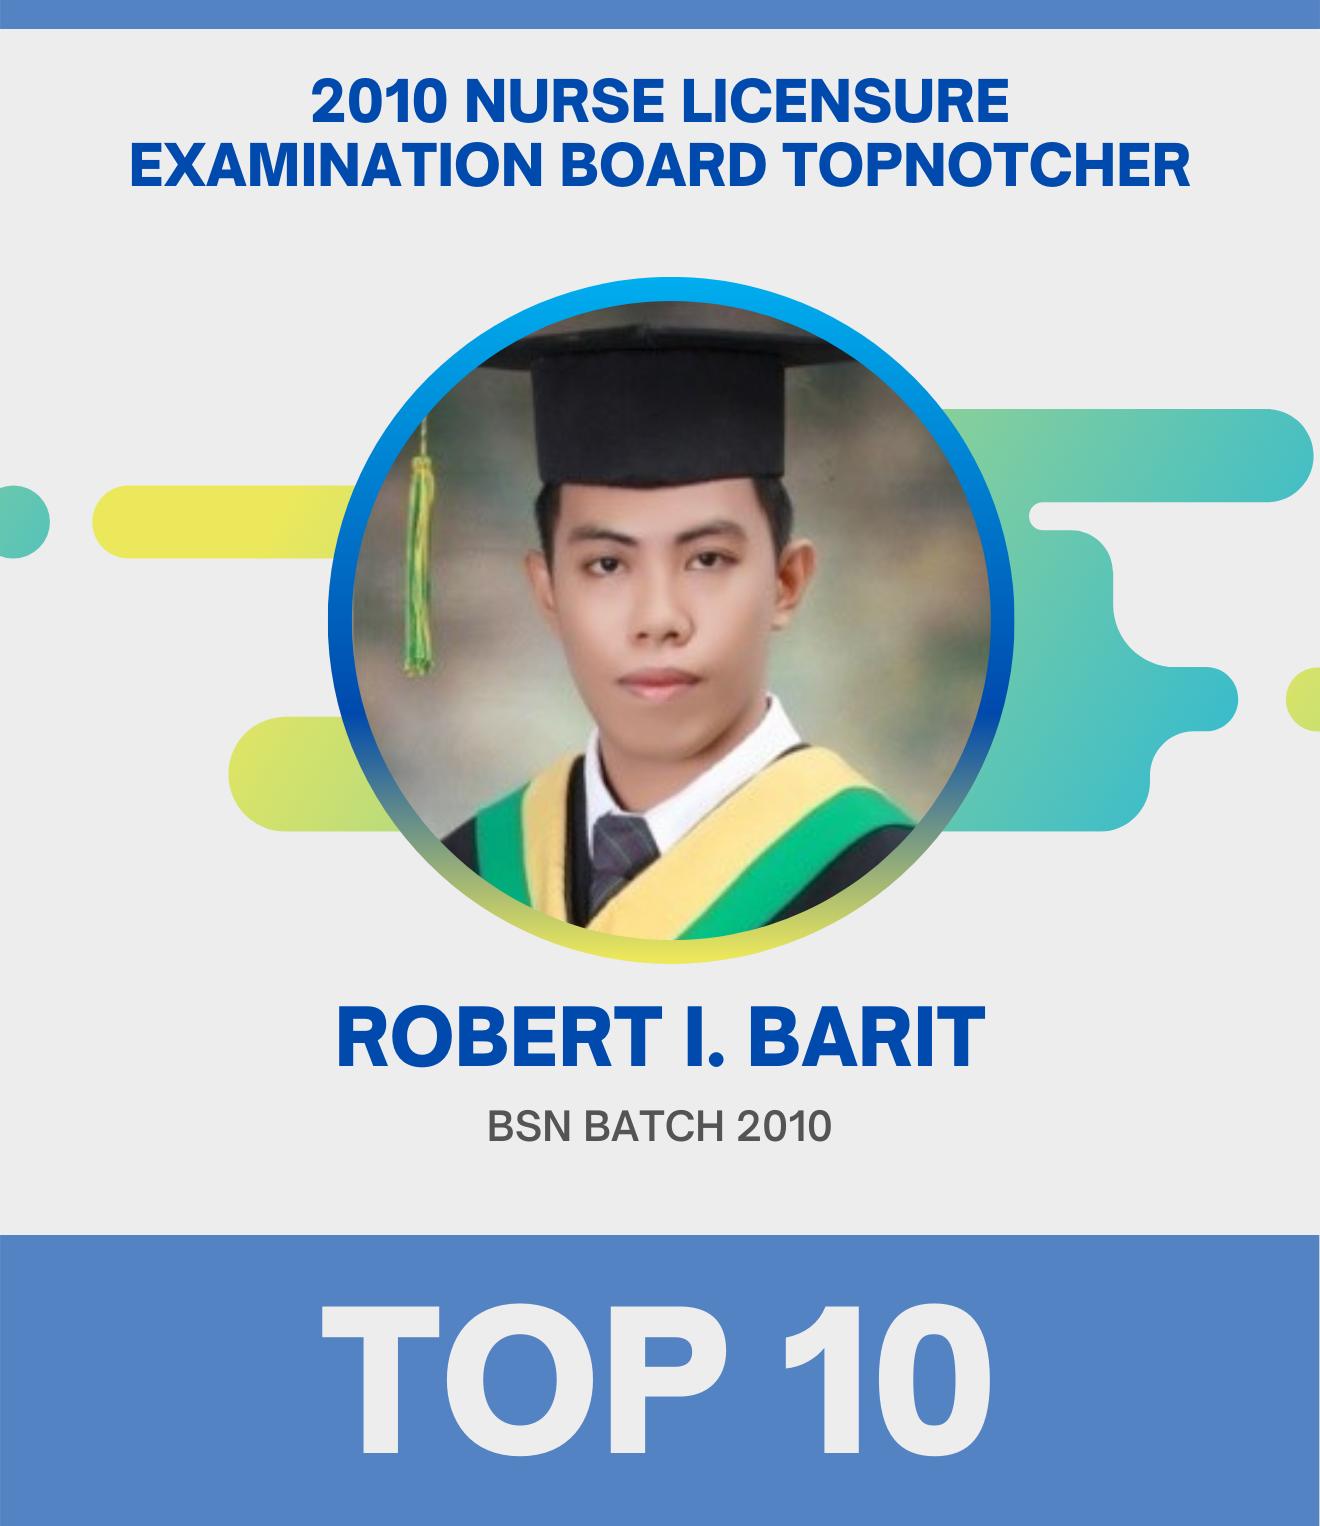 Top 10 - robert i. barit